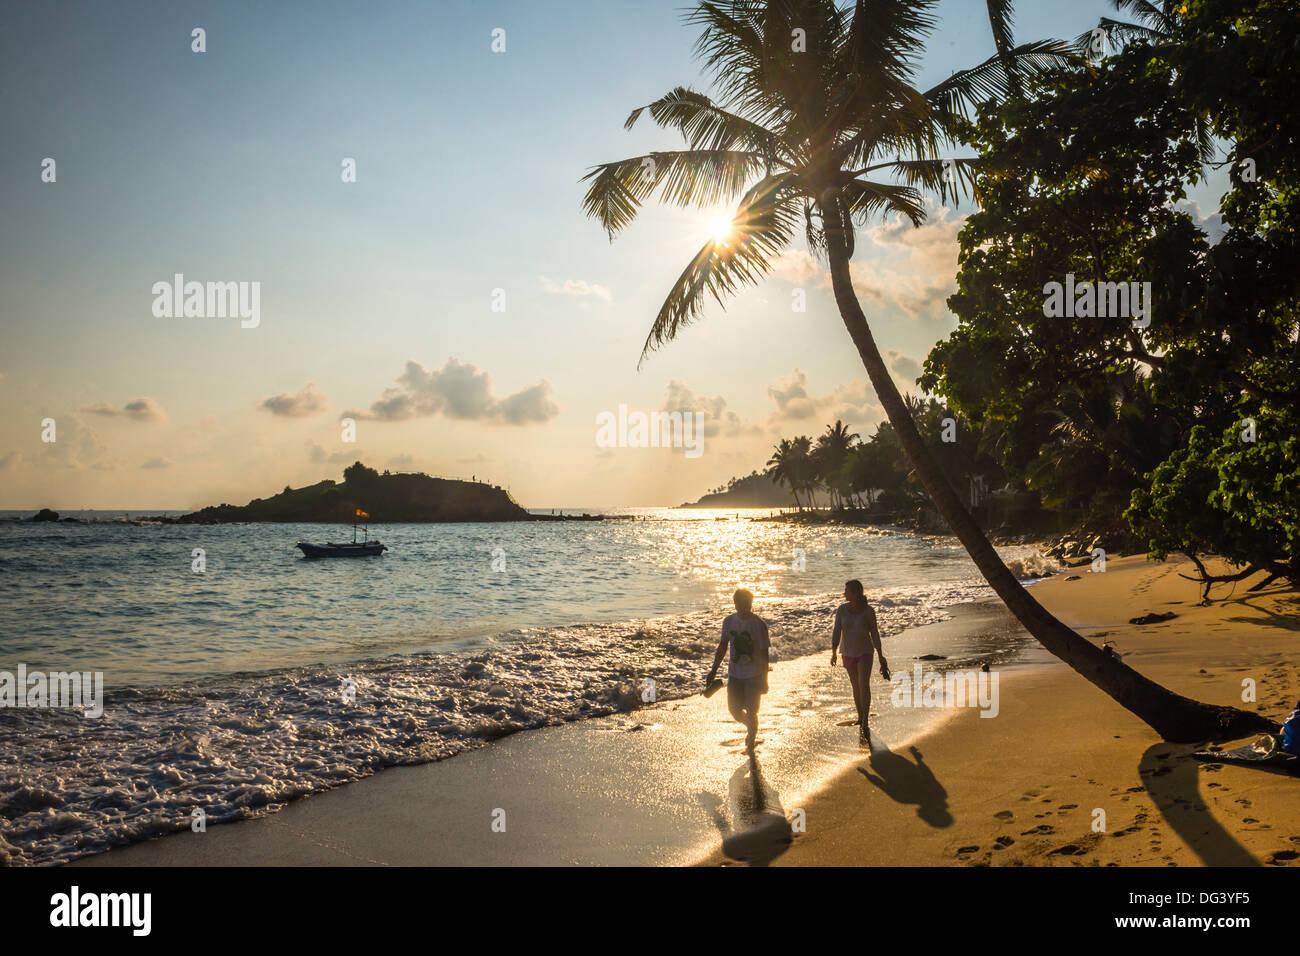 La plage de Mirissa, couple en prenant une promenade romantique sous un palmier au coucher du soleil, la Côte Sud, Sri Lanka, Asie Photo Stock